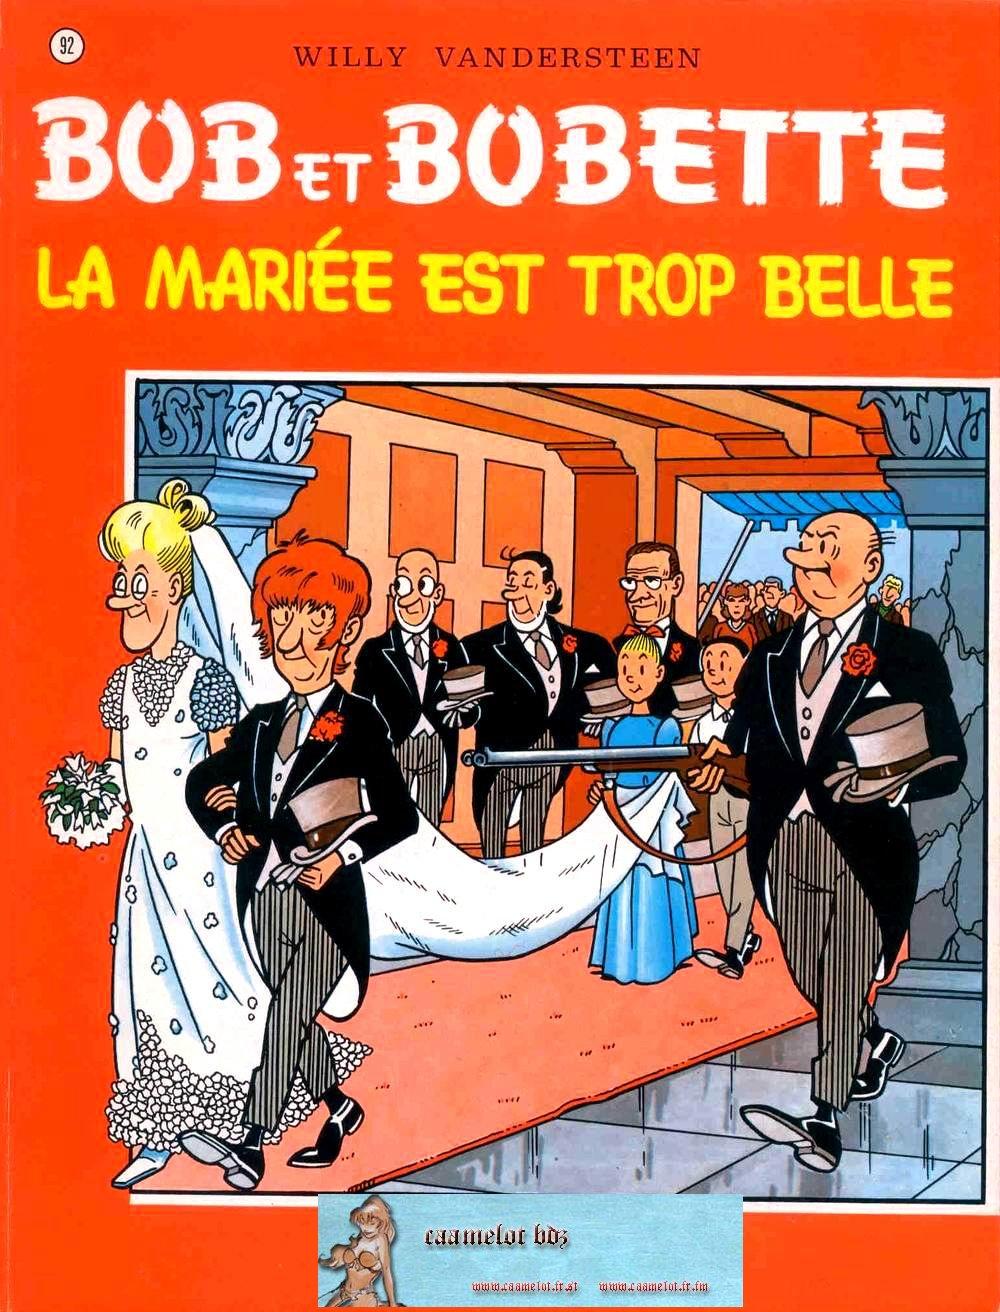 Bob et Bobette - N°92 La mariée est trop belle